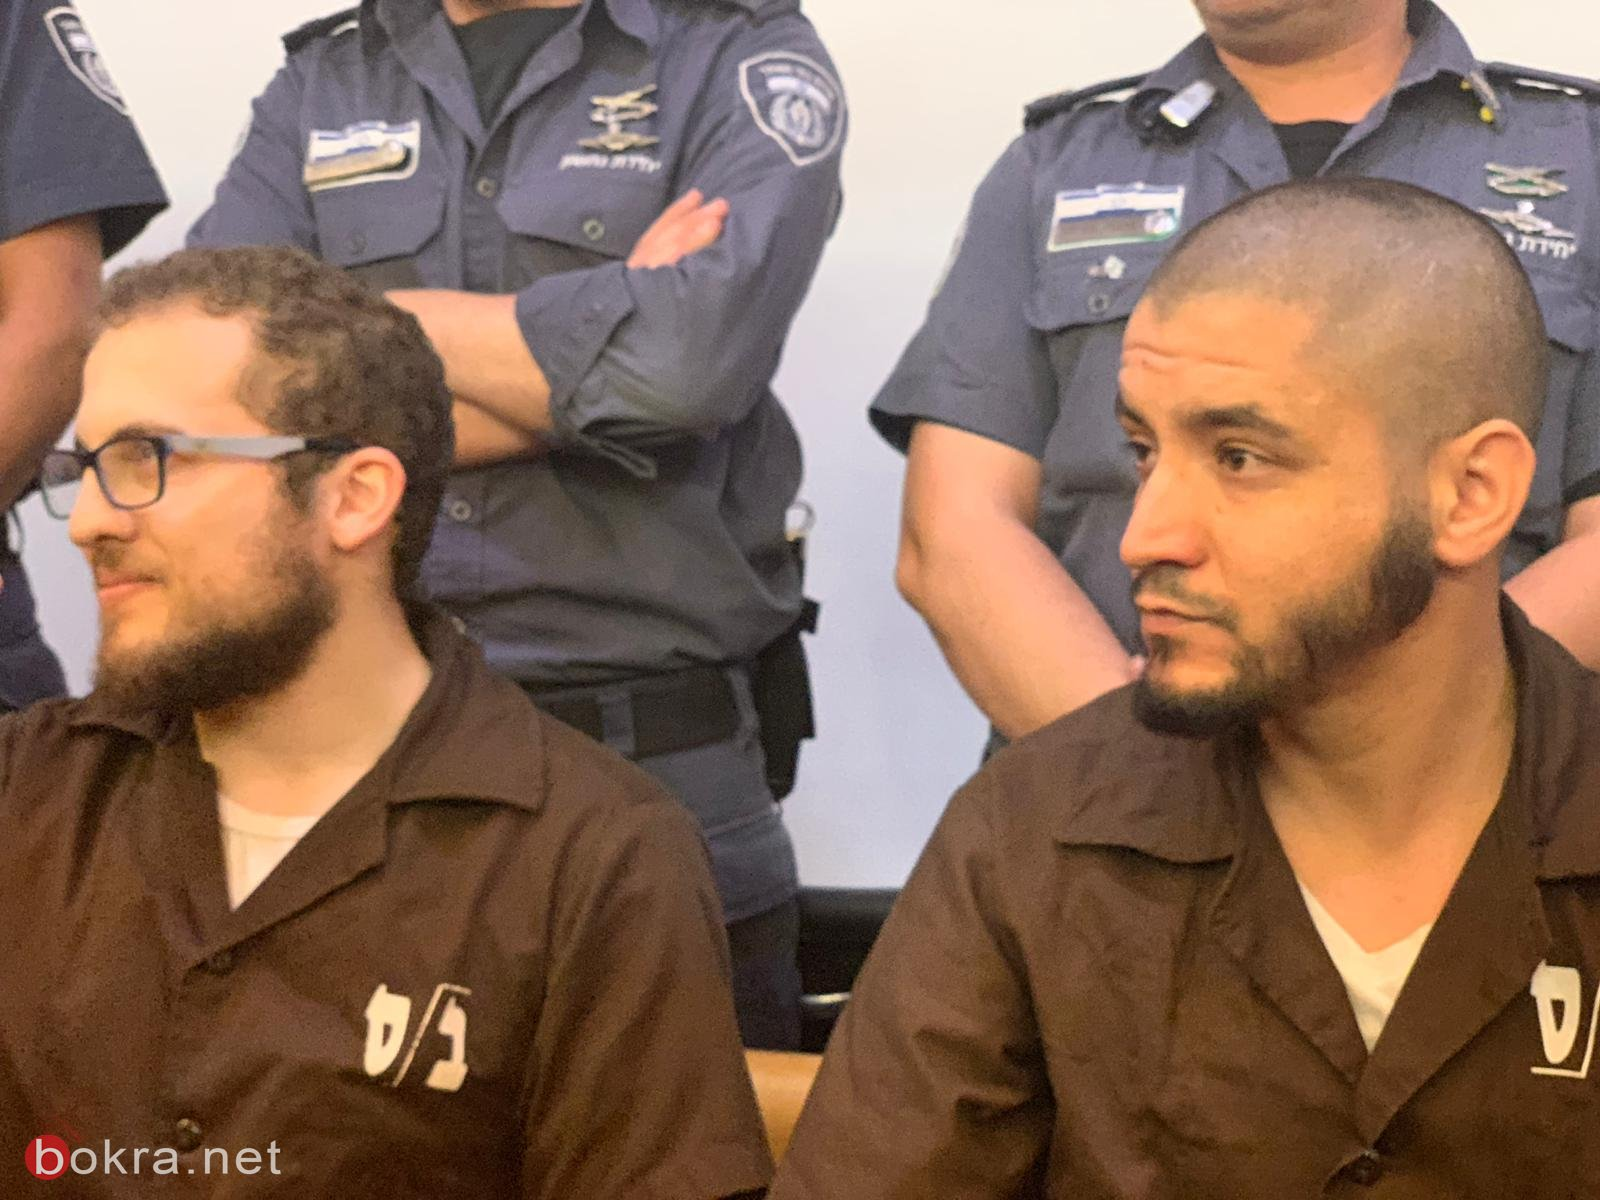 بتهمة تأييد داعش تقديم لائحة اتهام ضد  امين ياسين وعلي عرموش من طمرة